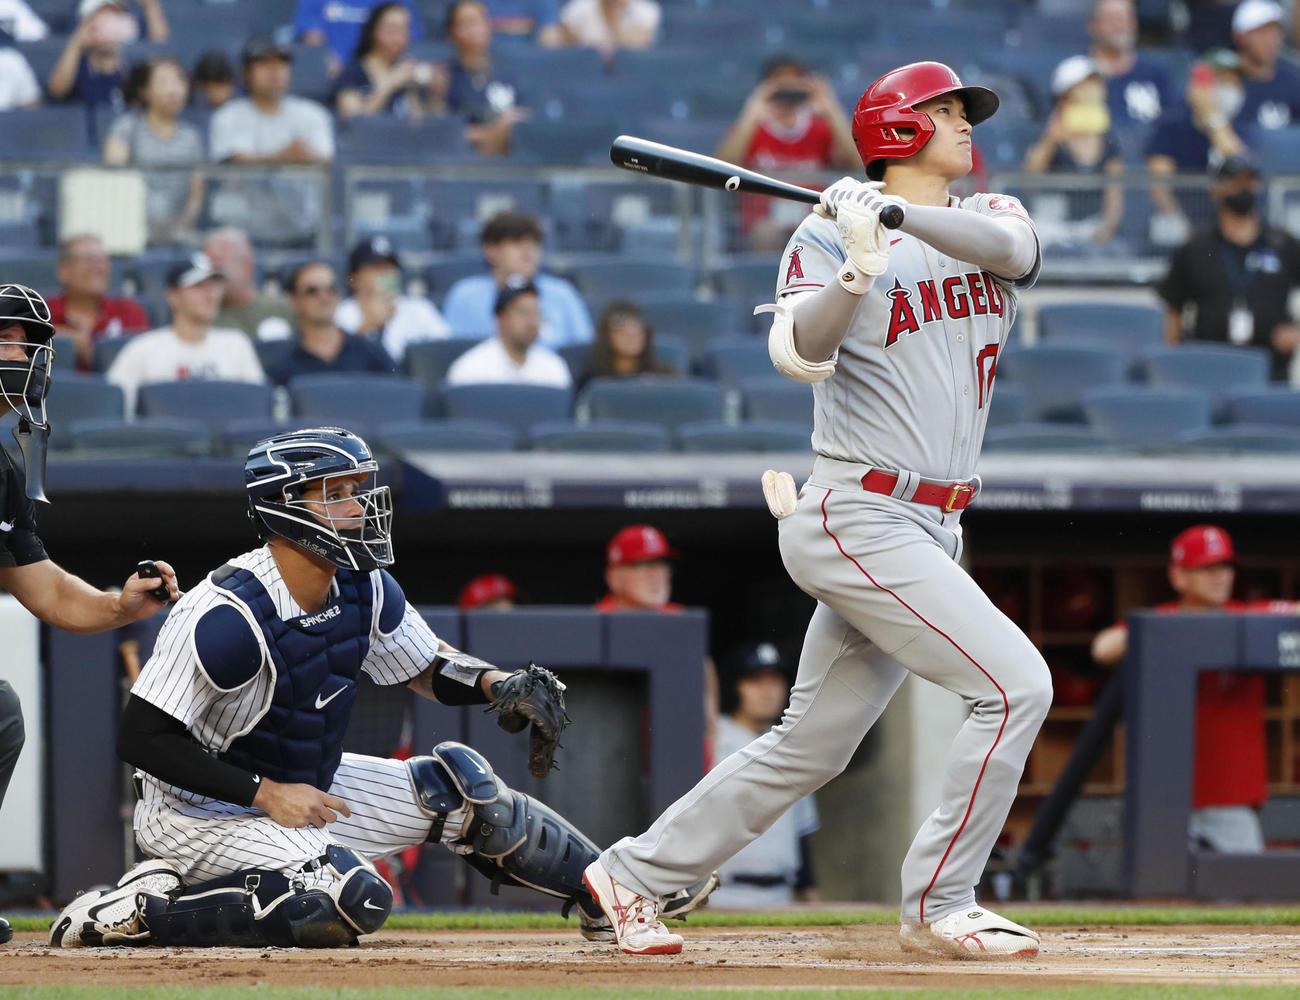 ヤンキース戦の1回、2試合連続本塁打となる先制の26号ソロを放つエンゼルス大谷(共同)